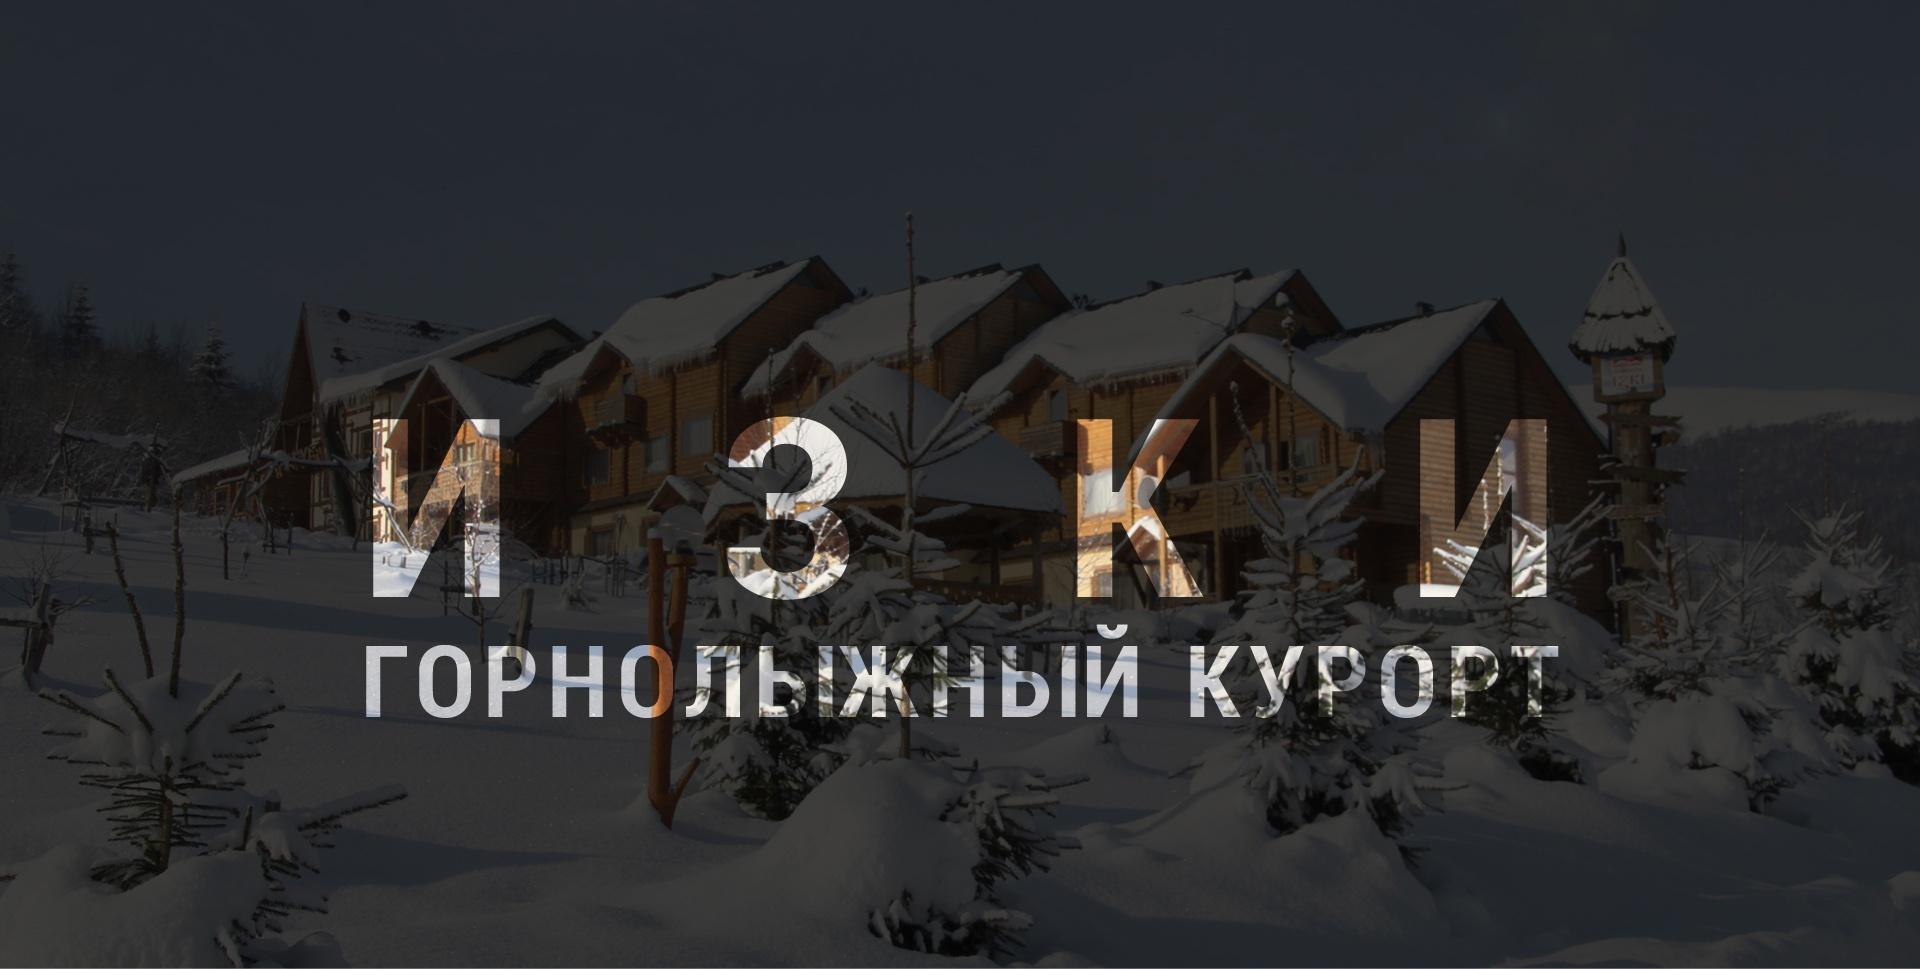 zimnie-kyrorty-ukrainu-5